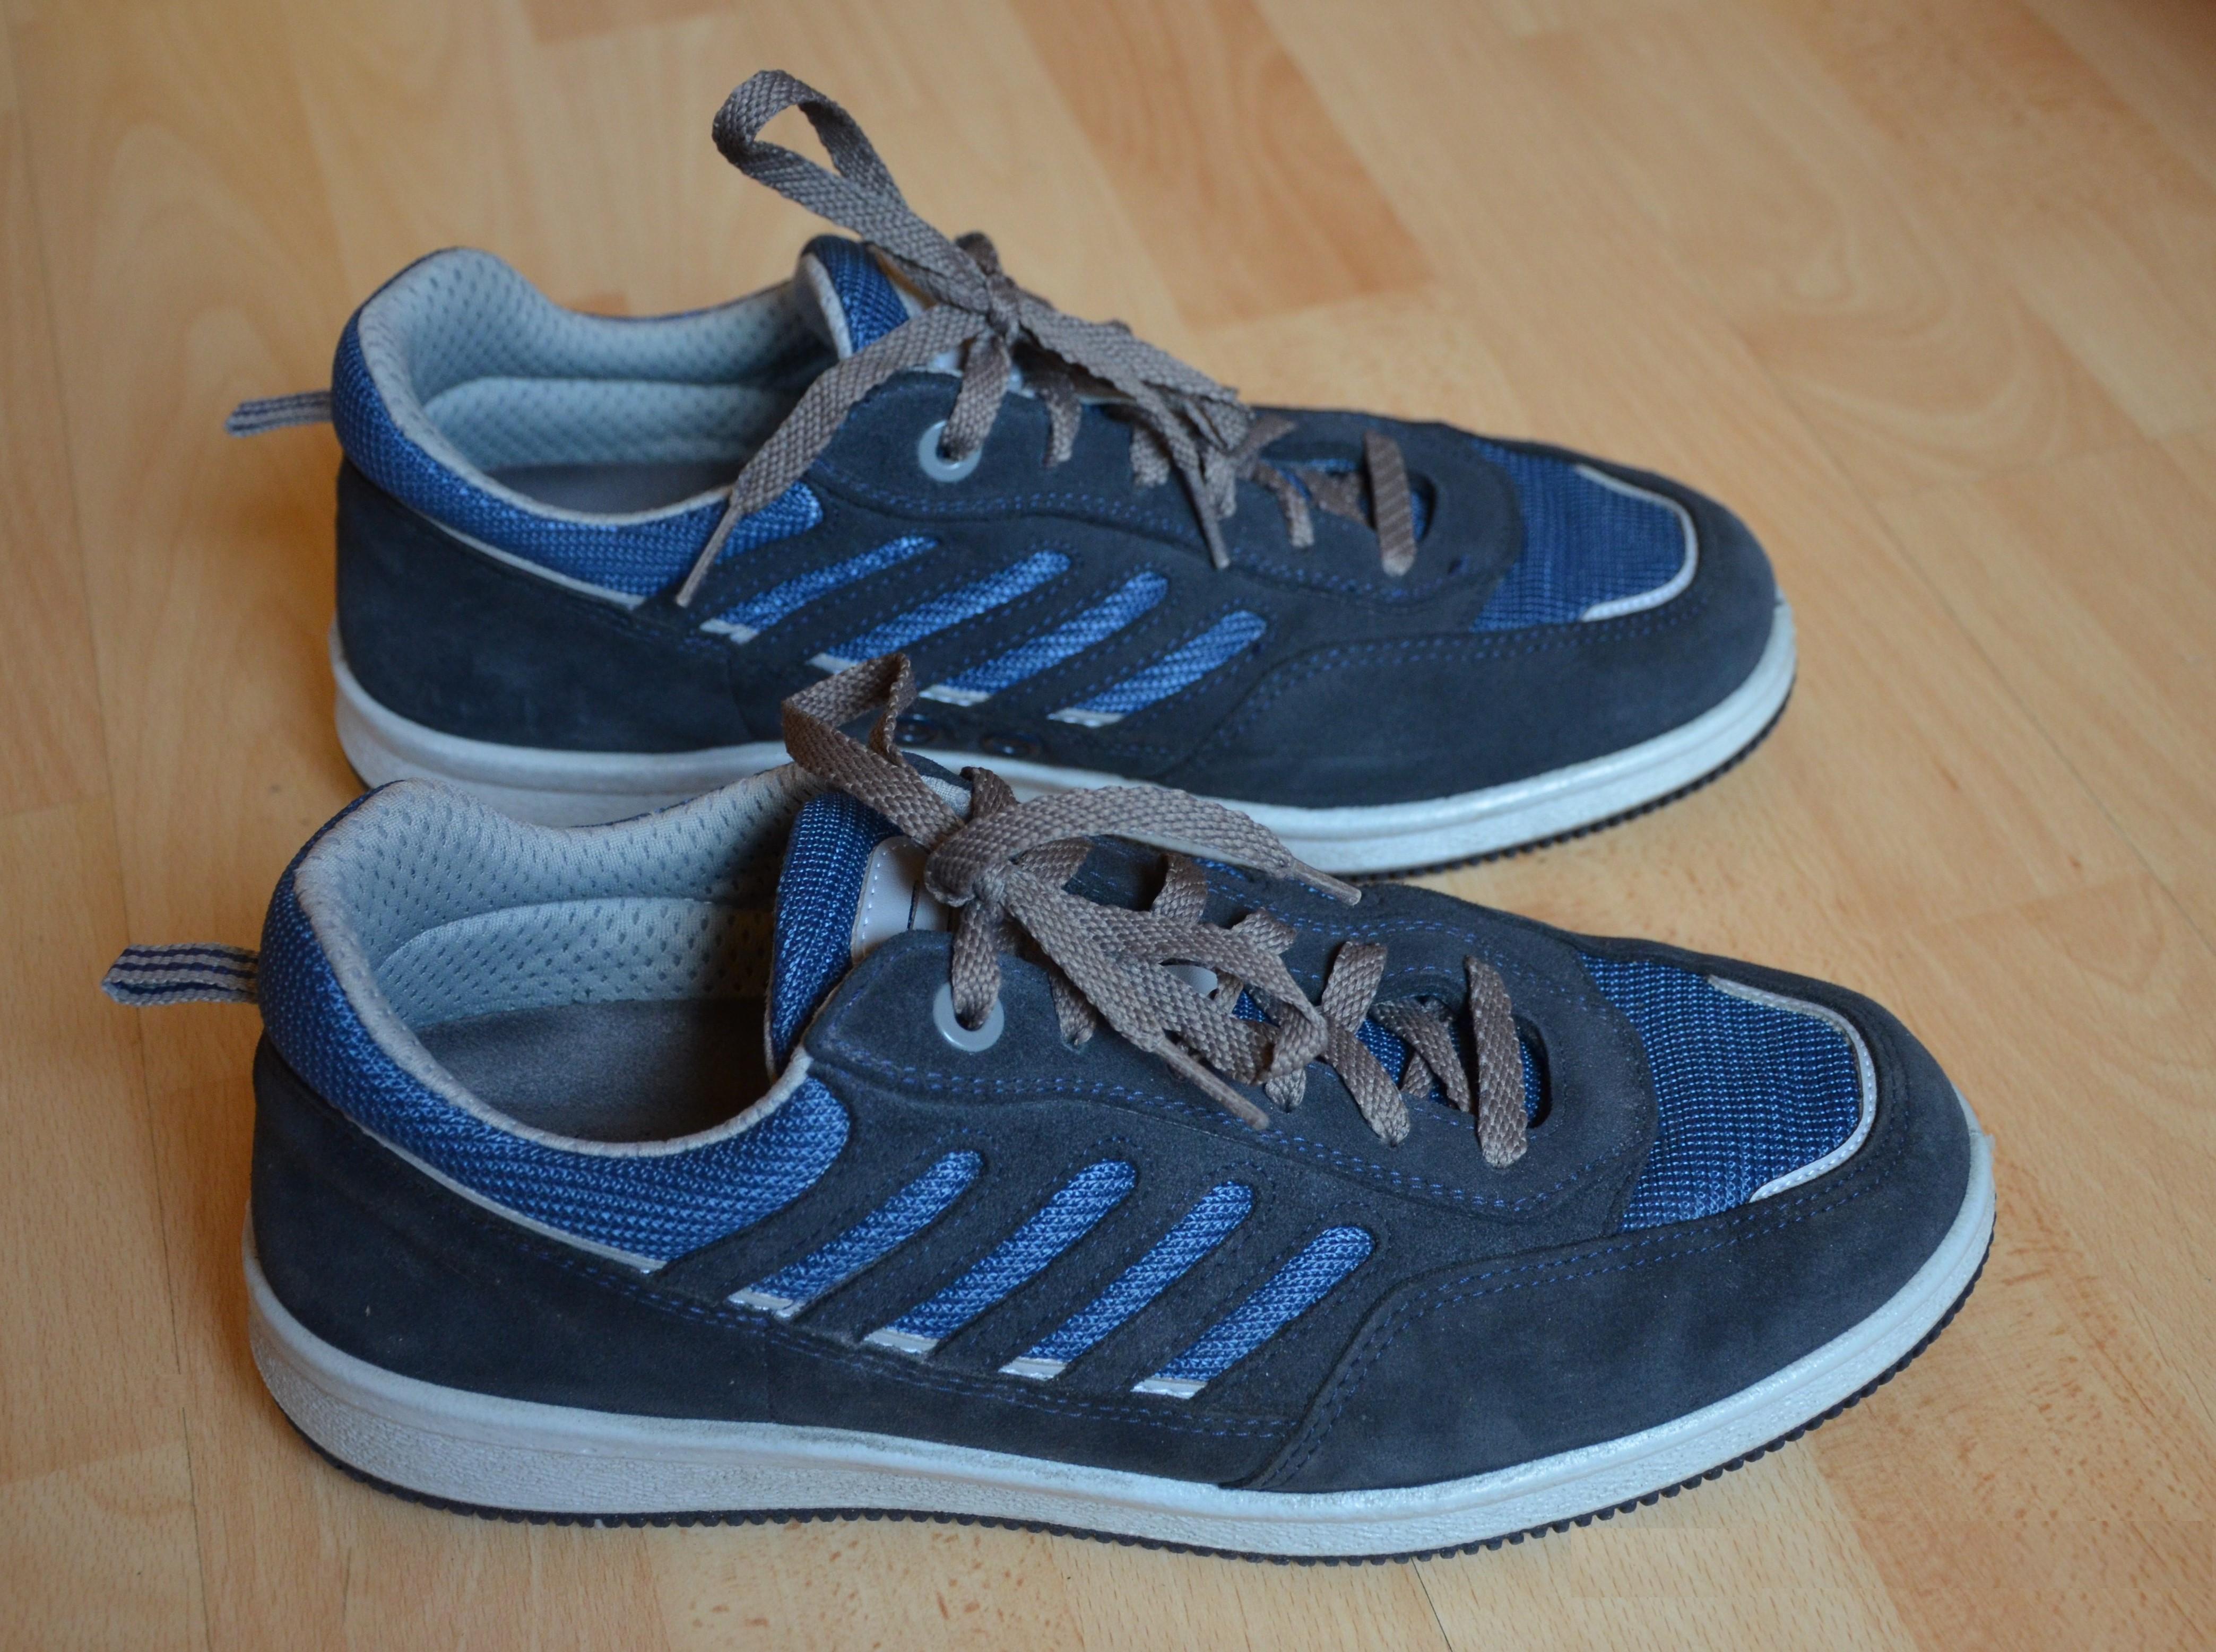 Pantofle sportowe wz.904MON w Mundur w